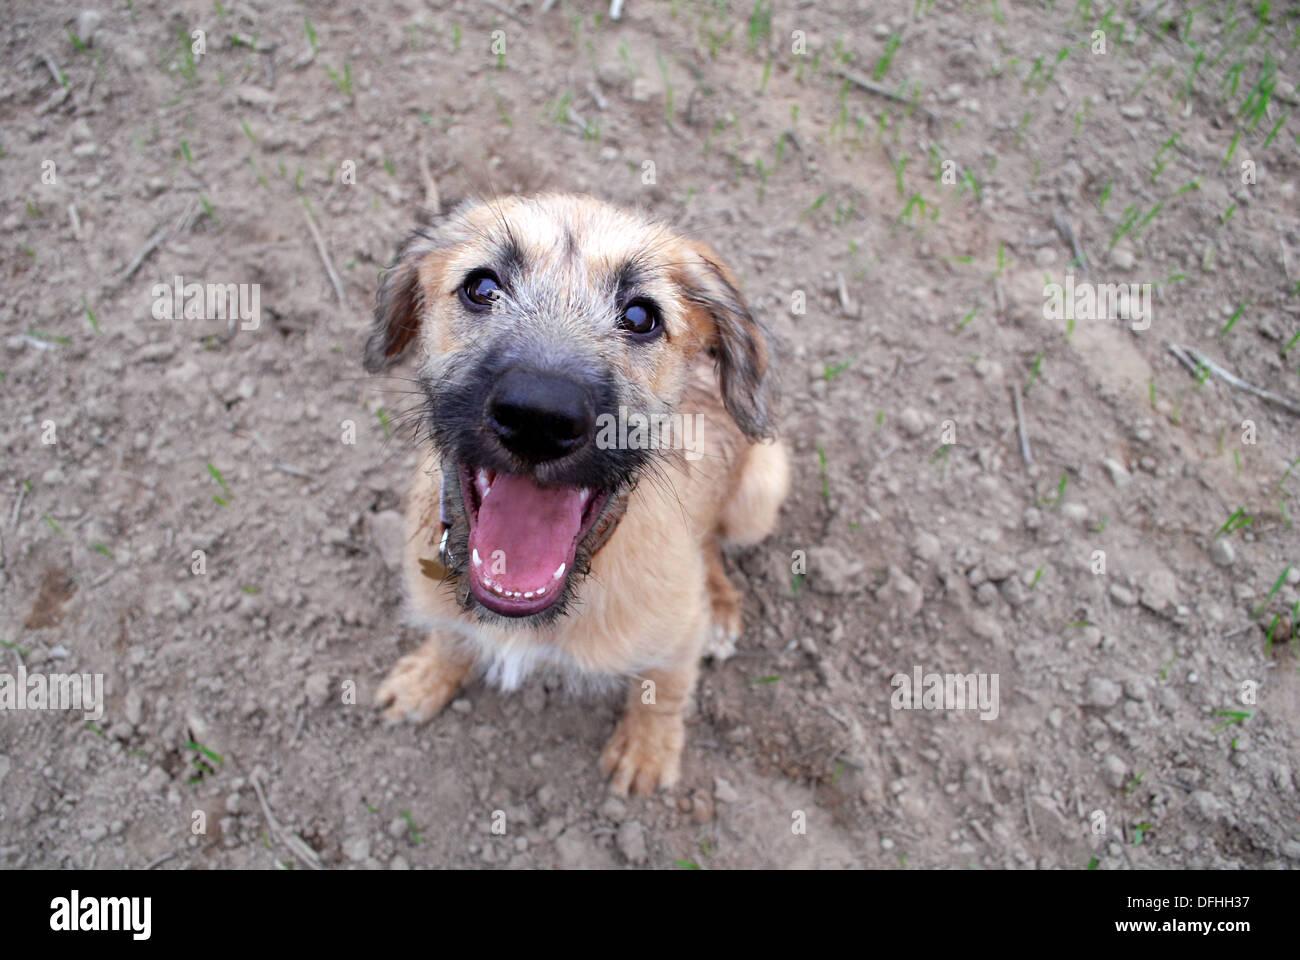 Mischievous puppies maiden walk - Stock Image